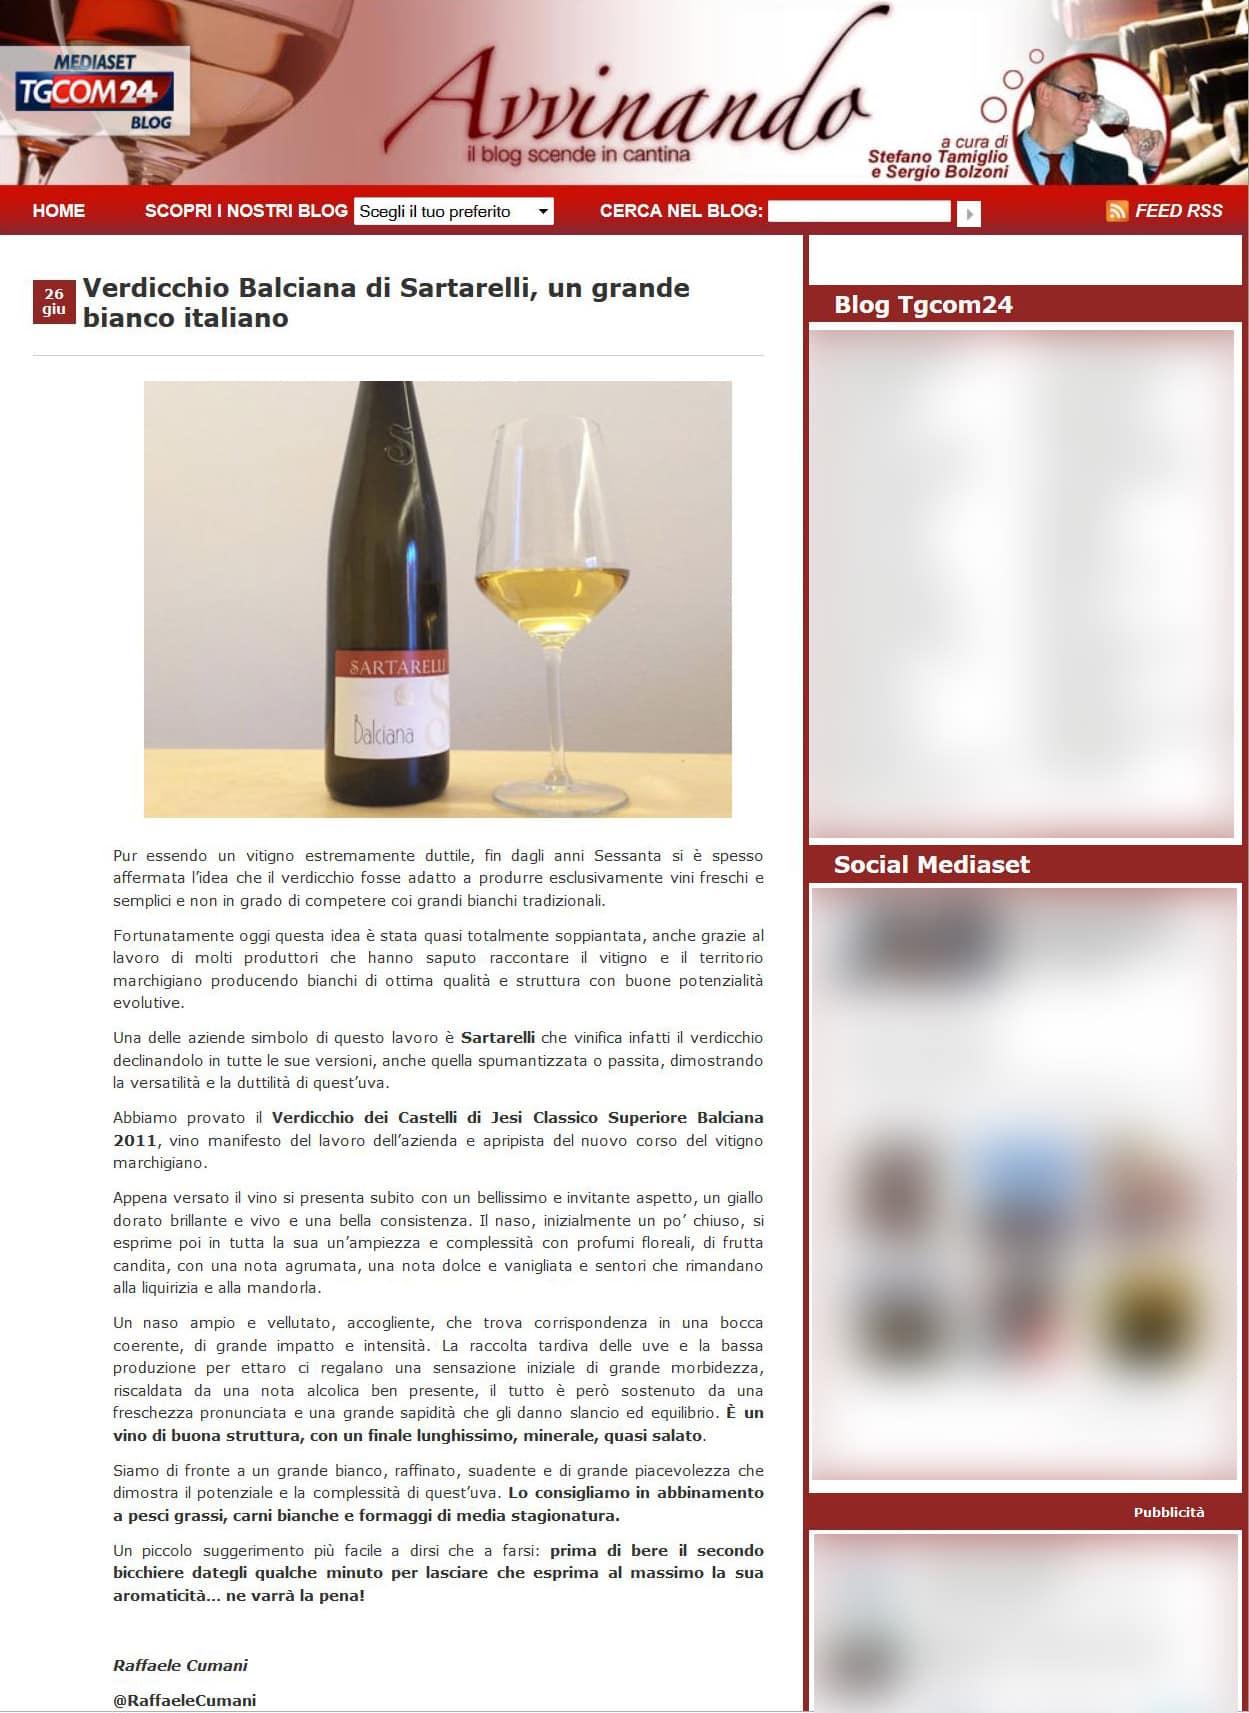 Tgcom24 - Verdicchio Balciana di Sartarelli, un grande bianco Italiano